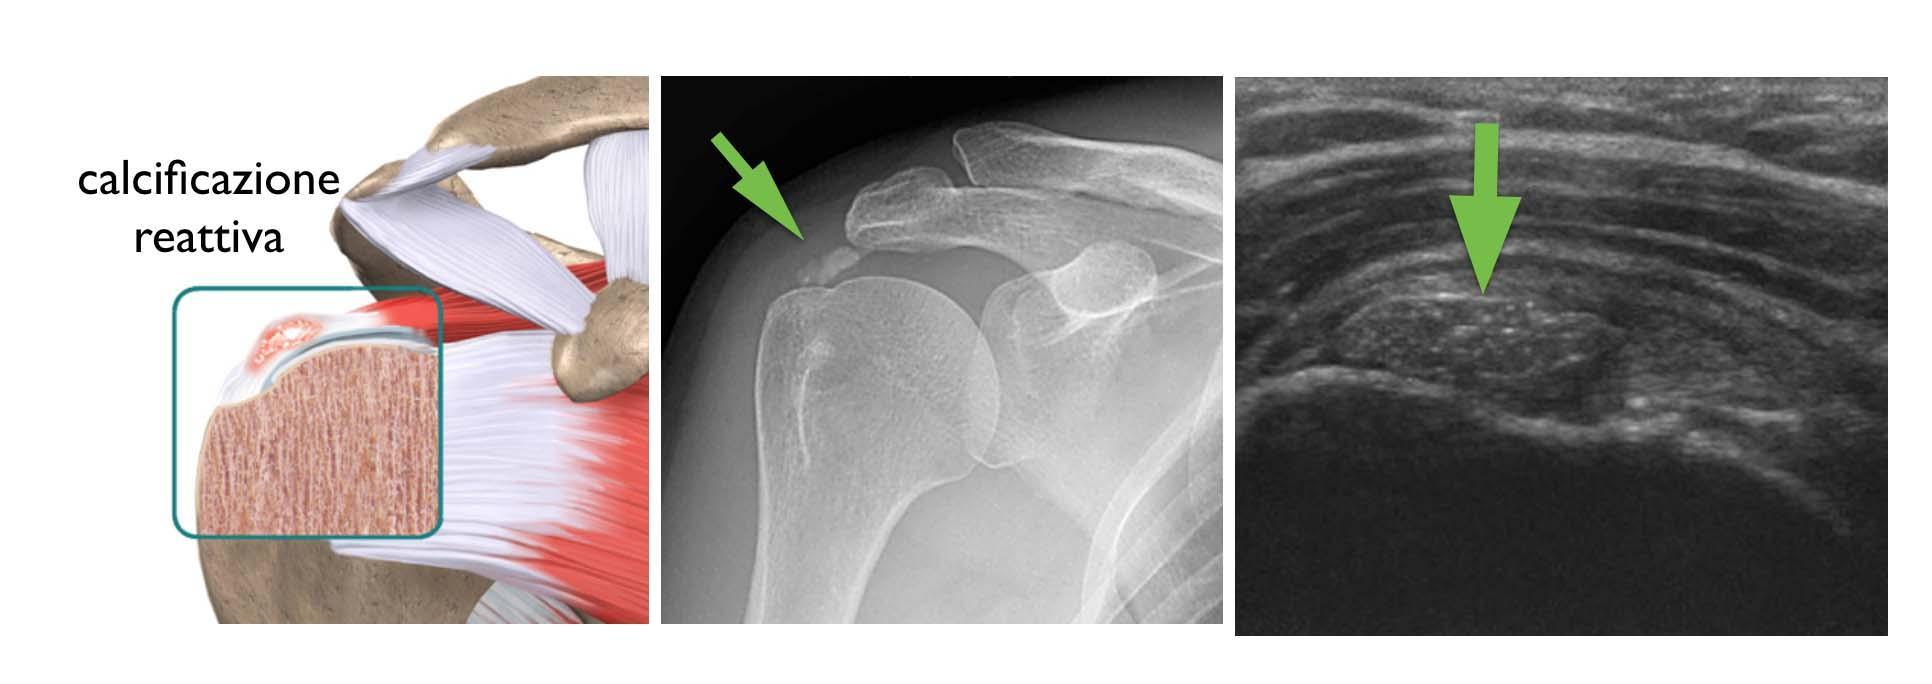 Tendinopatia calcifica della spalla - OTB - Reparto di Ortopedia ... 7e008dc0059c